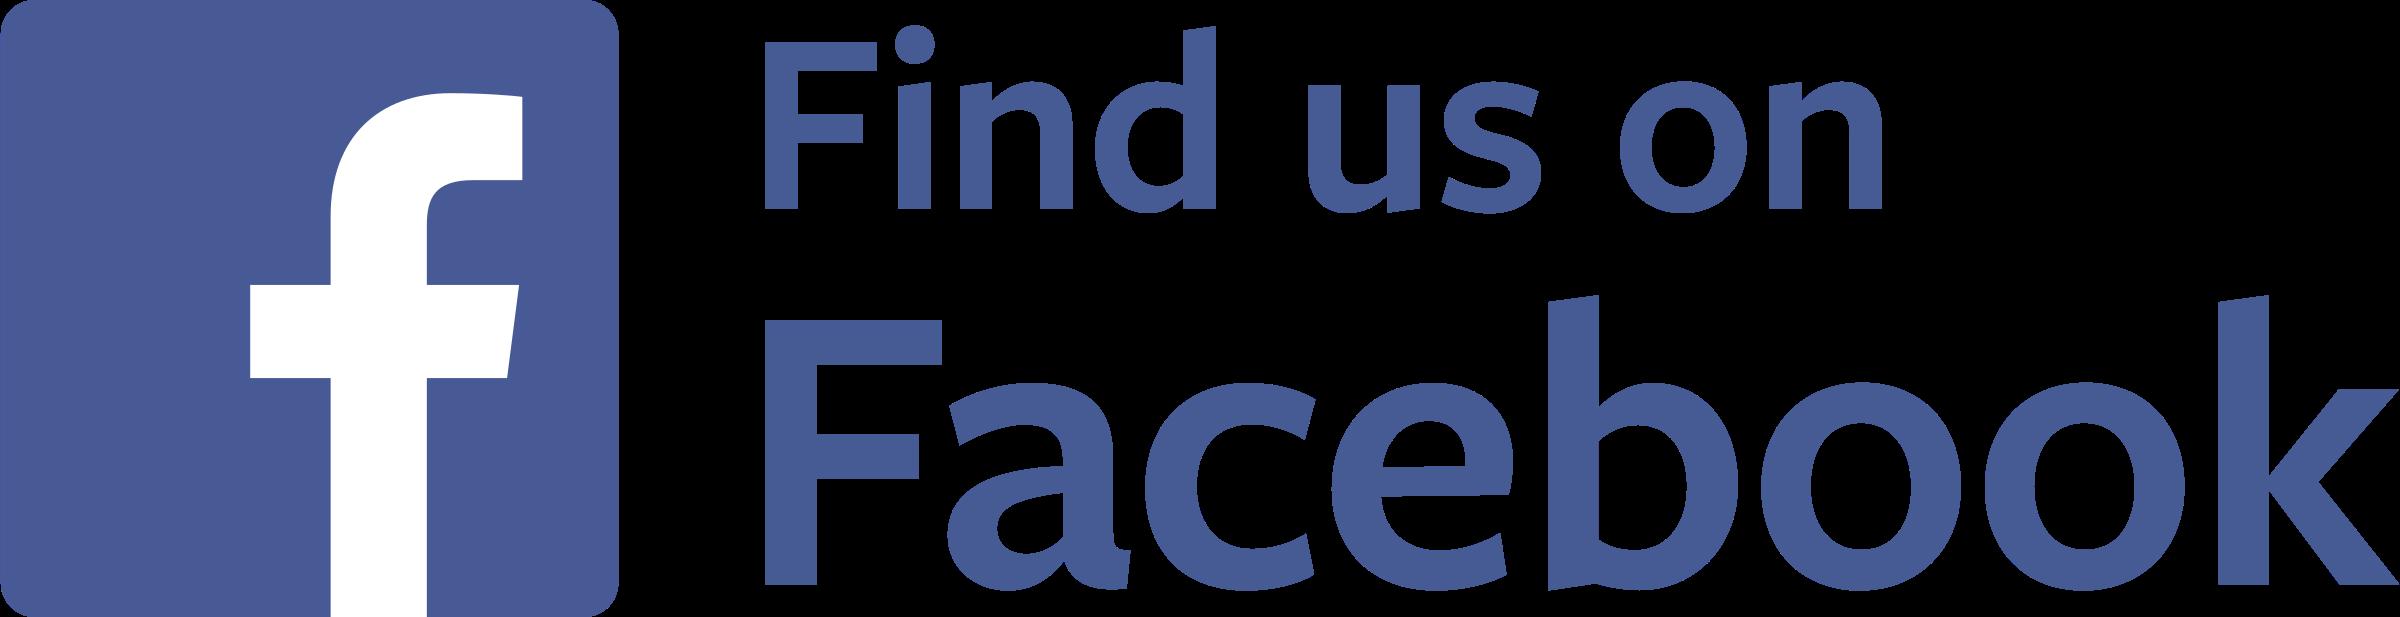 find us on facebook logo png transparent amp svg vector